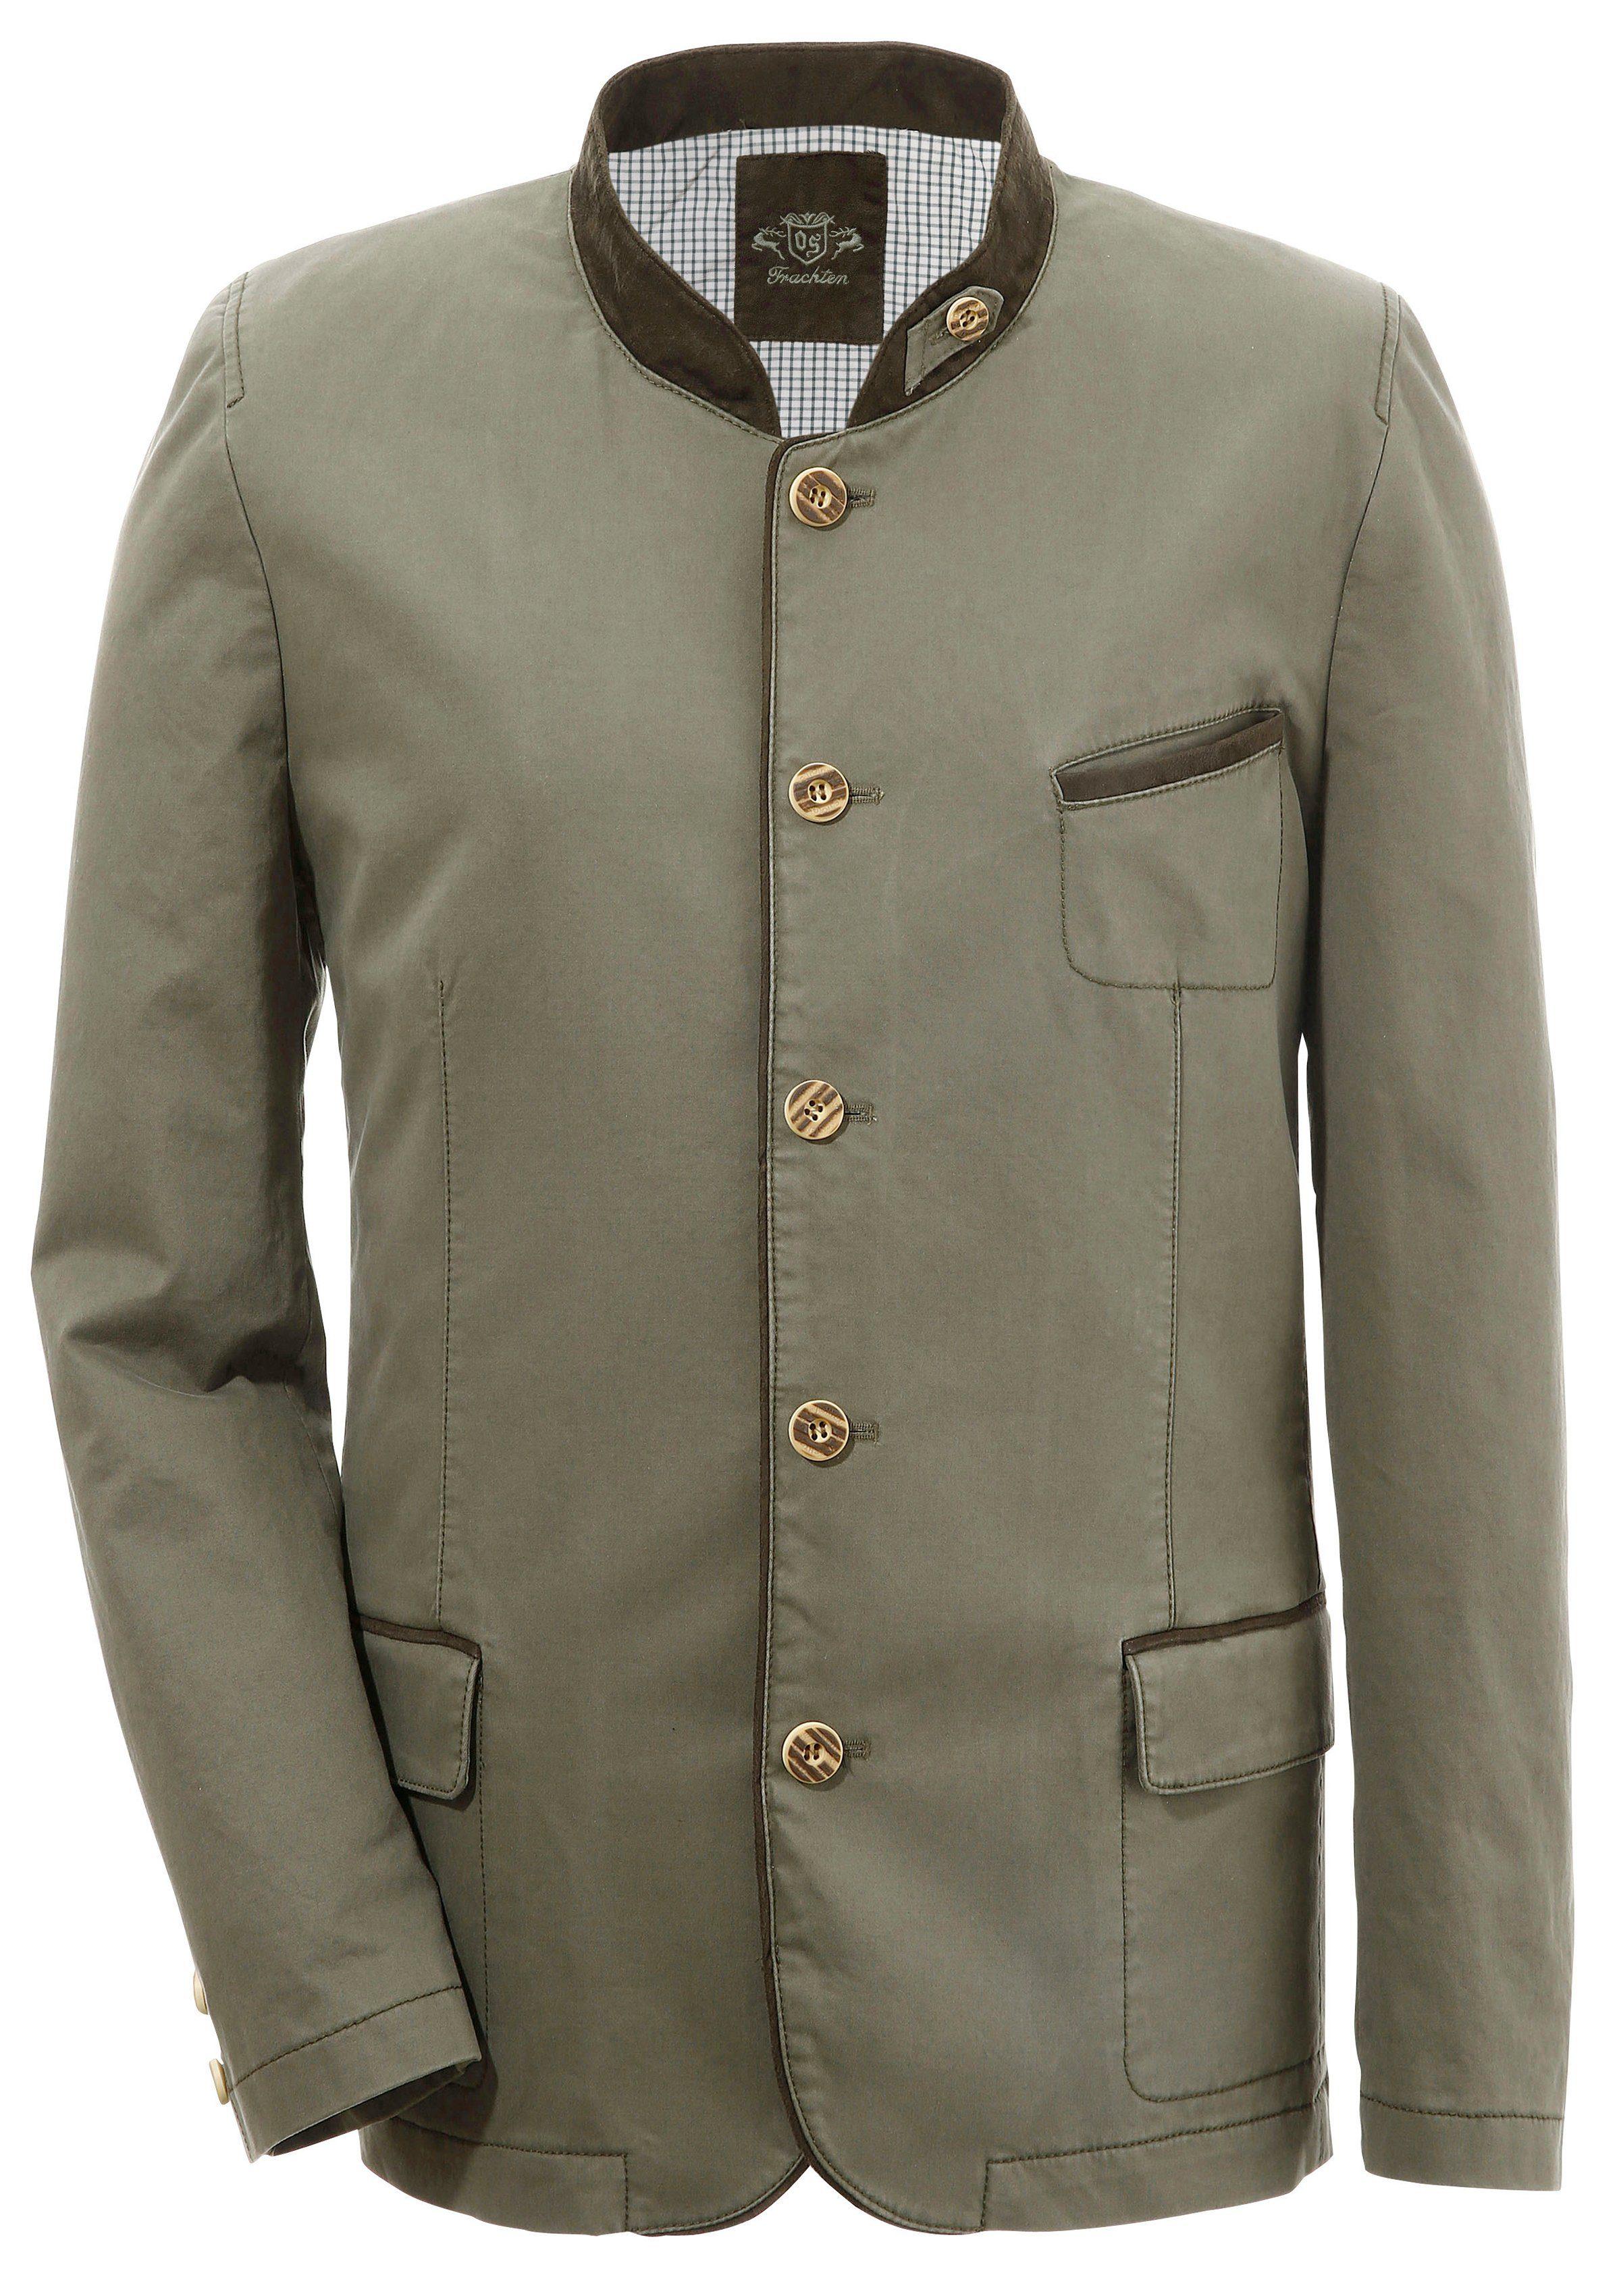 OS-Trachten Trachtensakko mit Stehkragen   Bekleidung > Sakkos > Trachtensakkos   Grün   Polyester   Os-Trachten